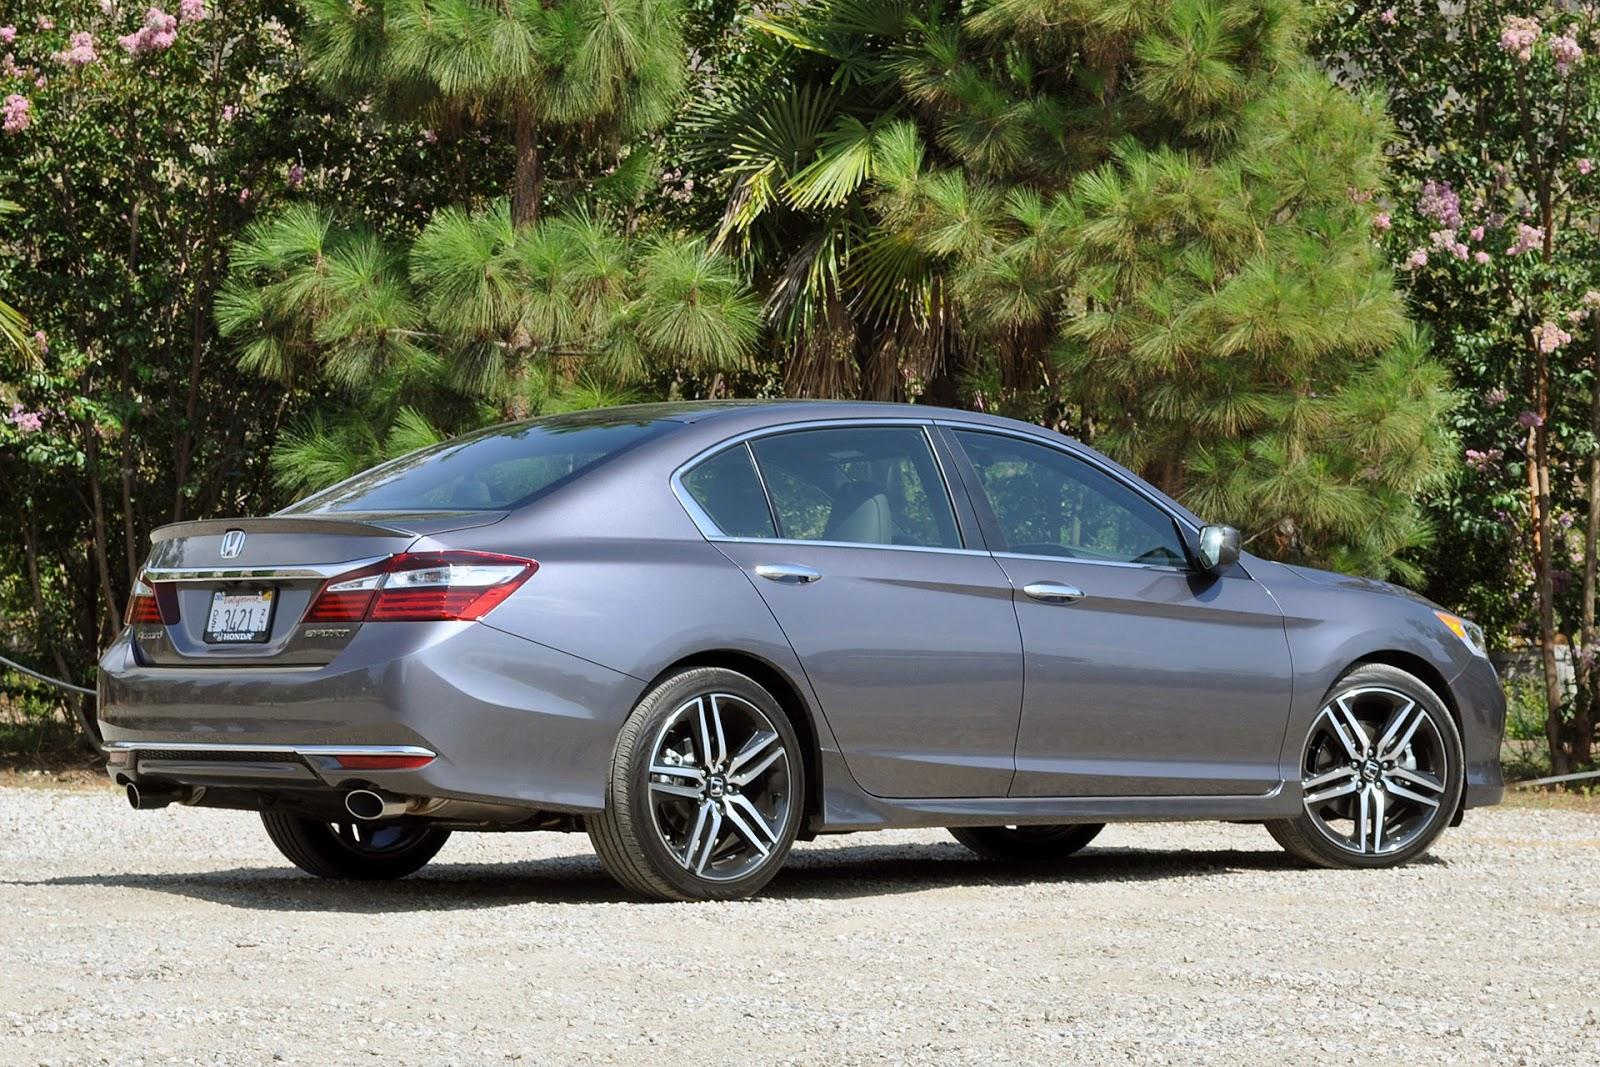 Rỏ ràng Honda Accord 2016 có nhiều điểm giống với dòng 3 Series của BMW